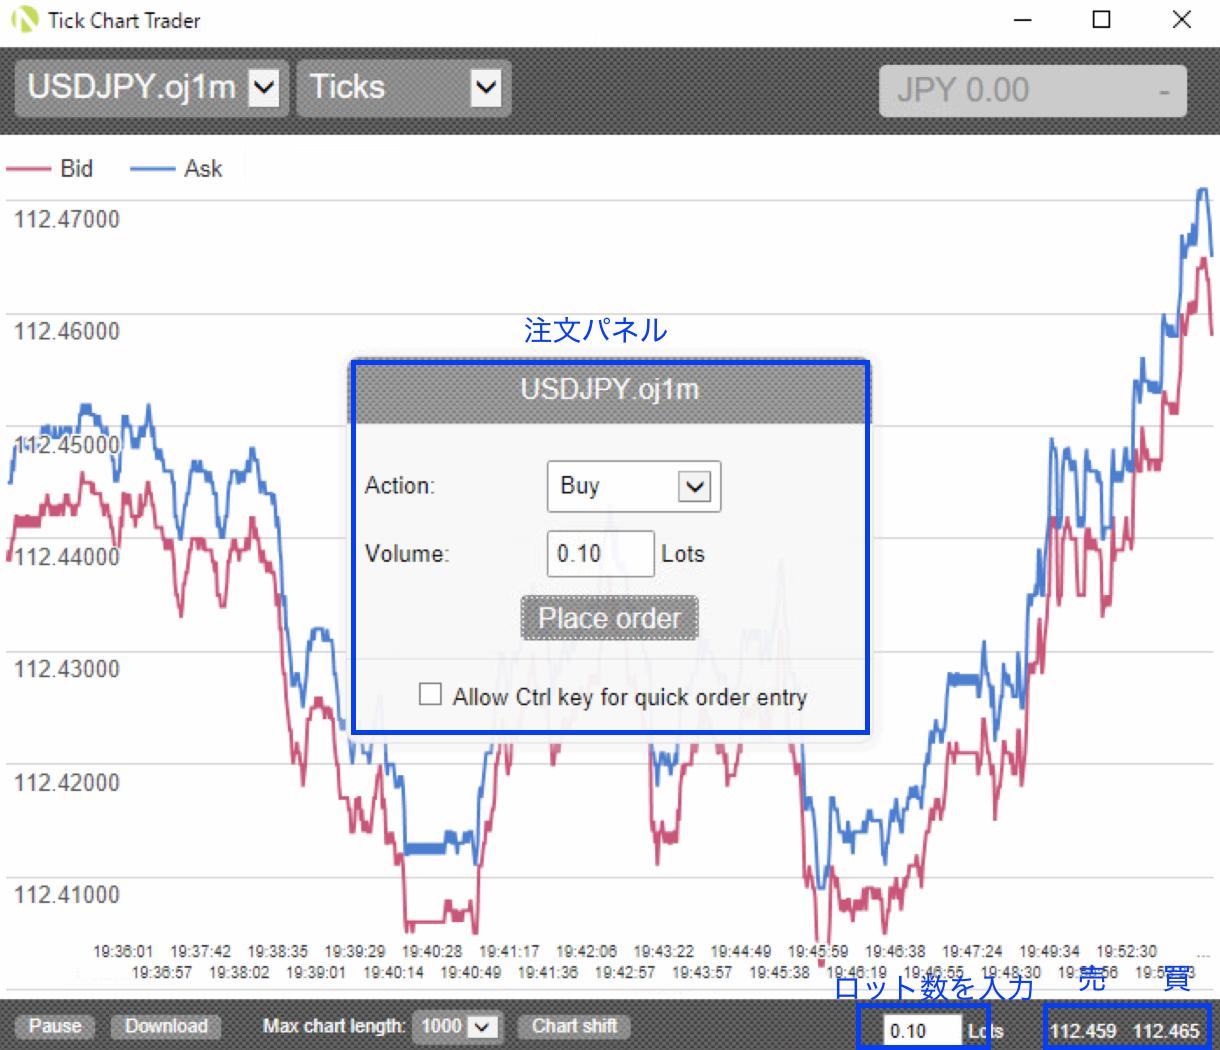 Oanda Tick Chart Traderの使い方